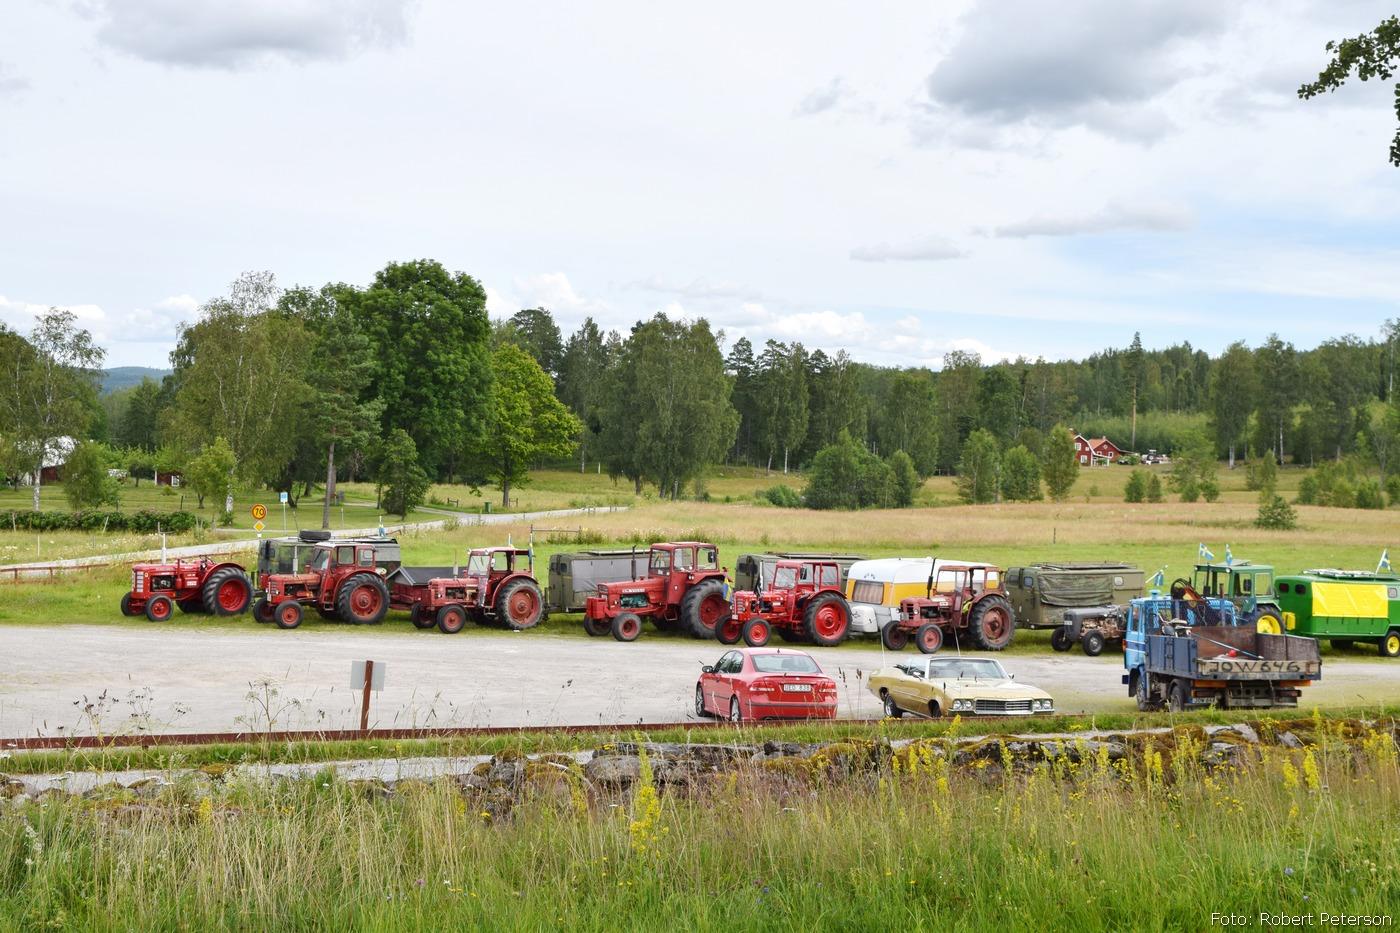 2015-07-25_10_traktorresa